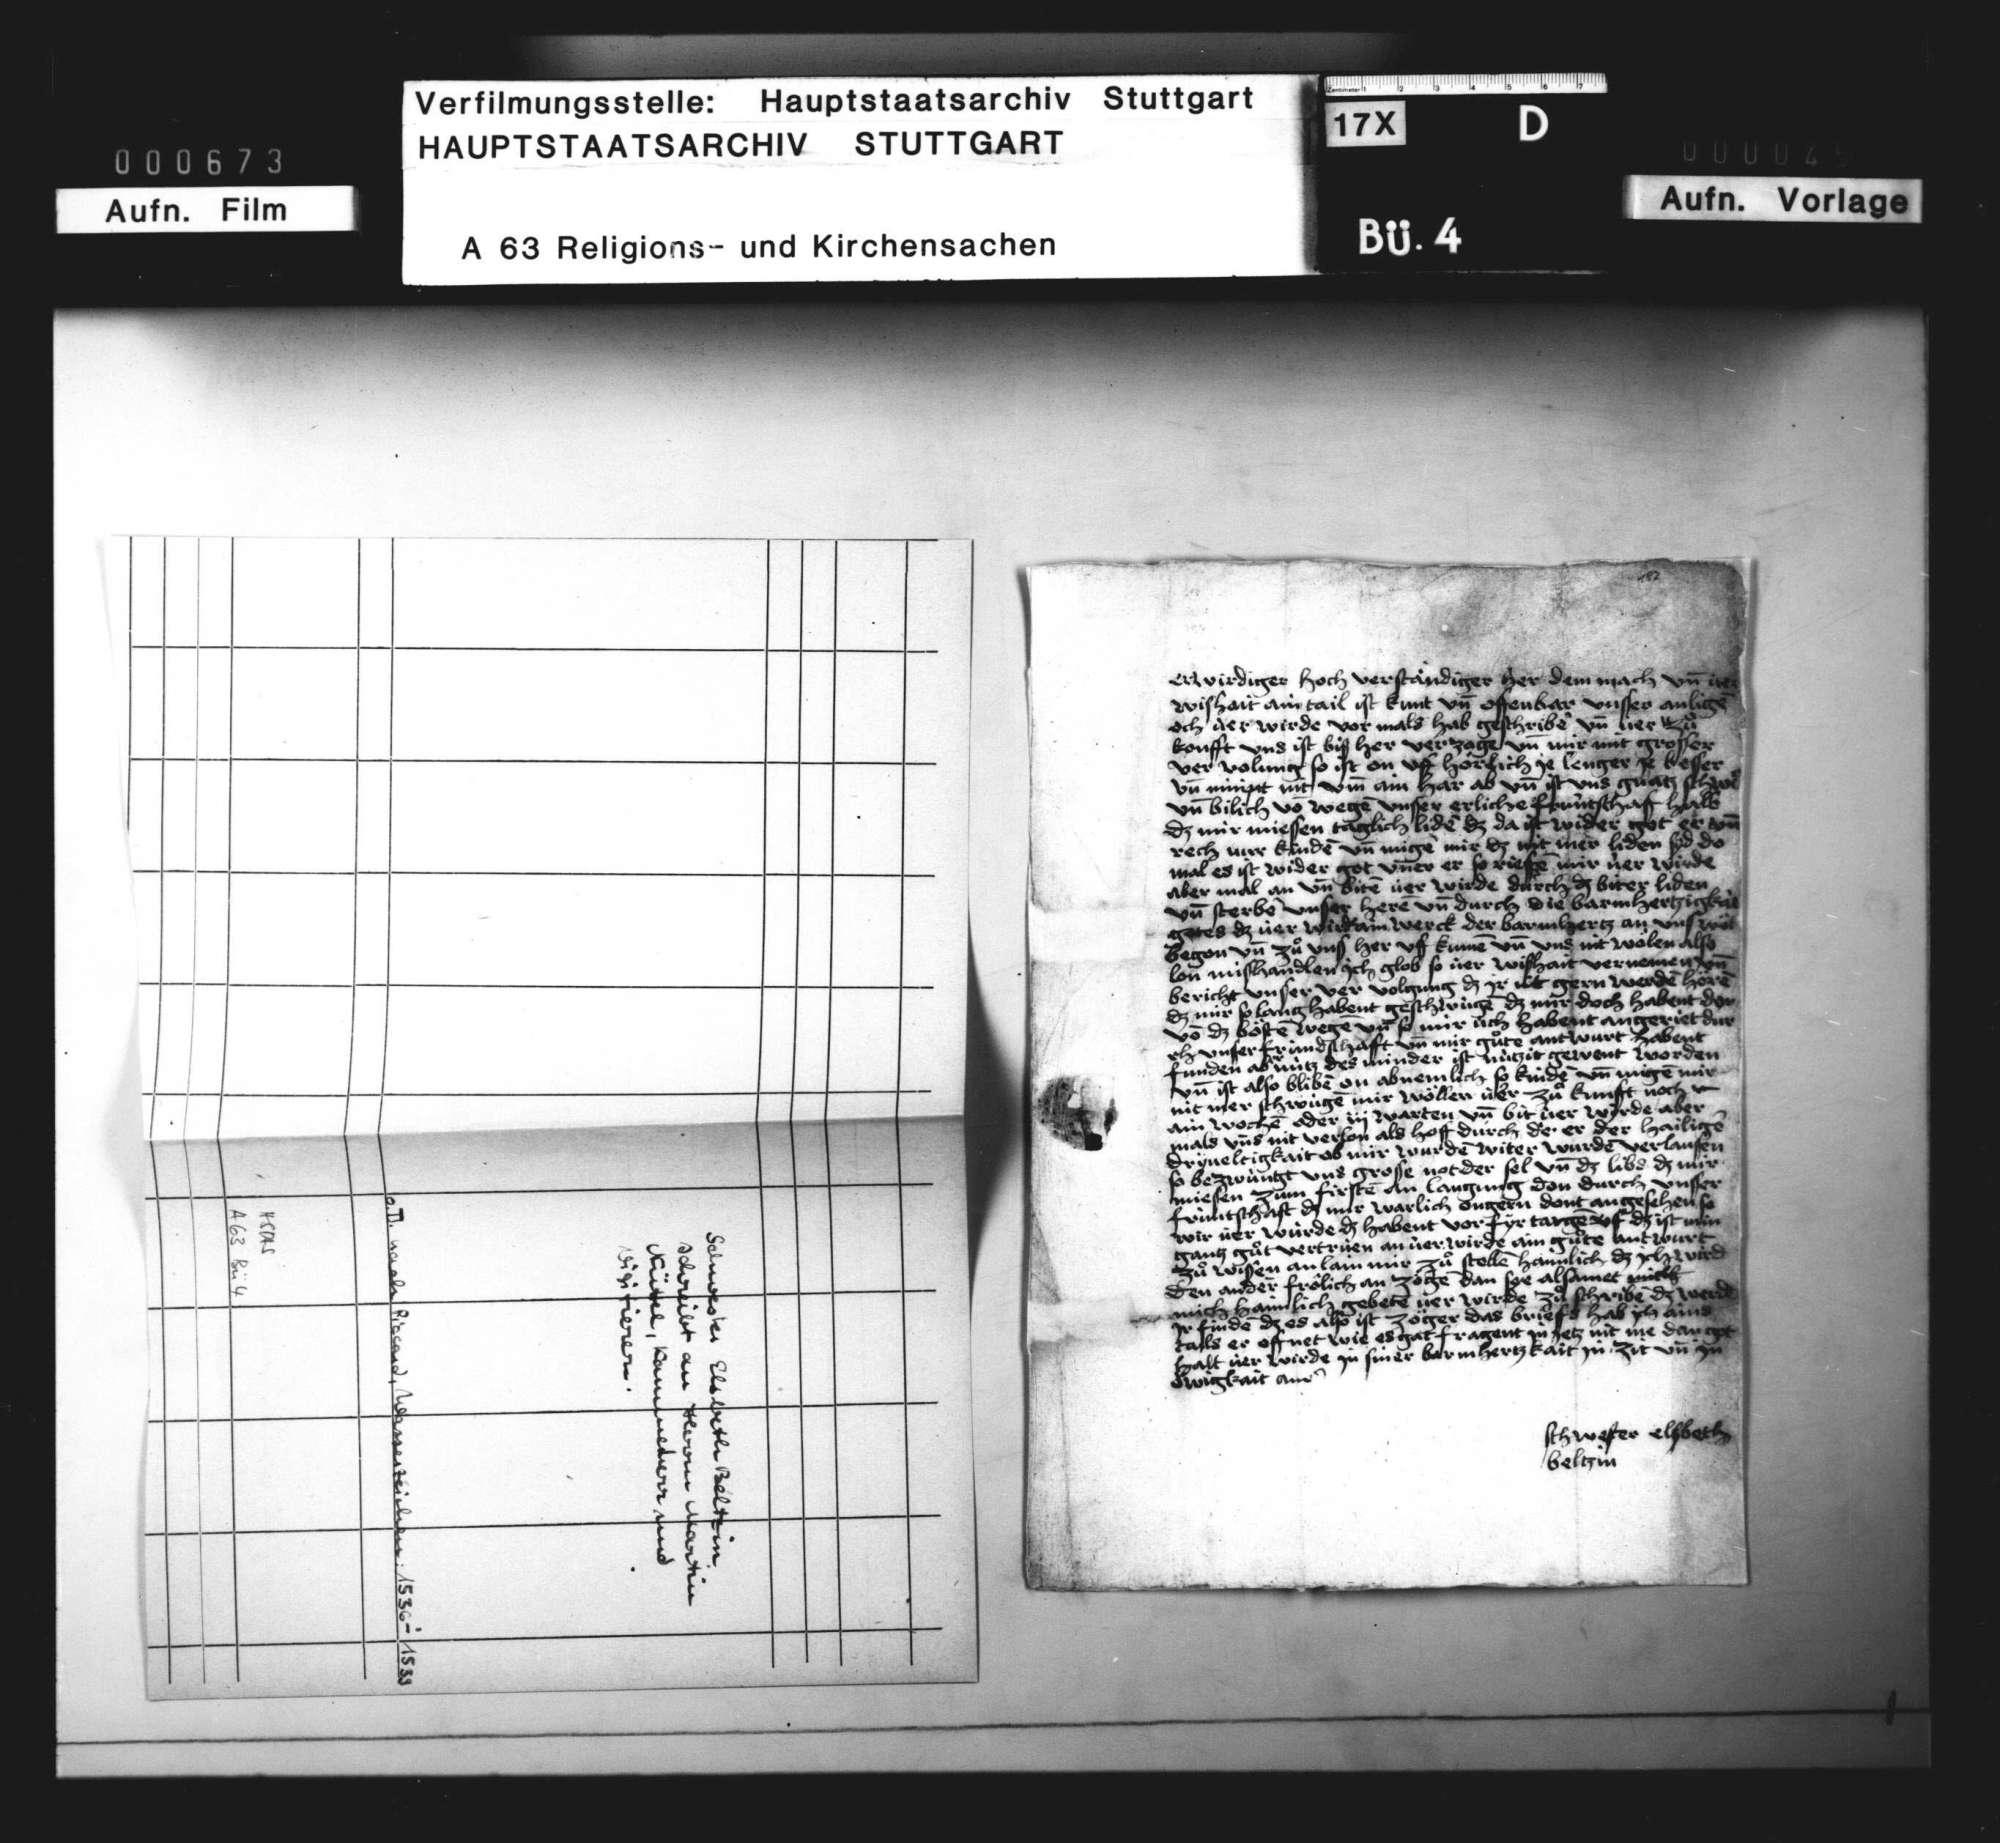 Schreiben der Priorin von Kloster Steinheim, Schwester Elisabeth Beltzin, an Martin Nittel wegen ihrer Verfolgung, Bild 2